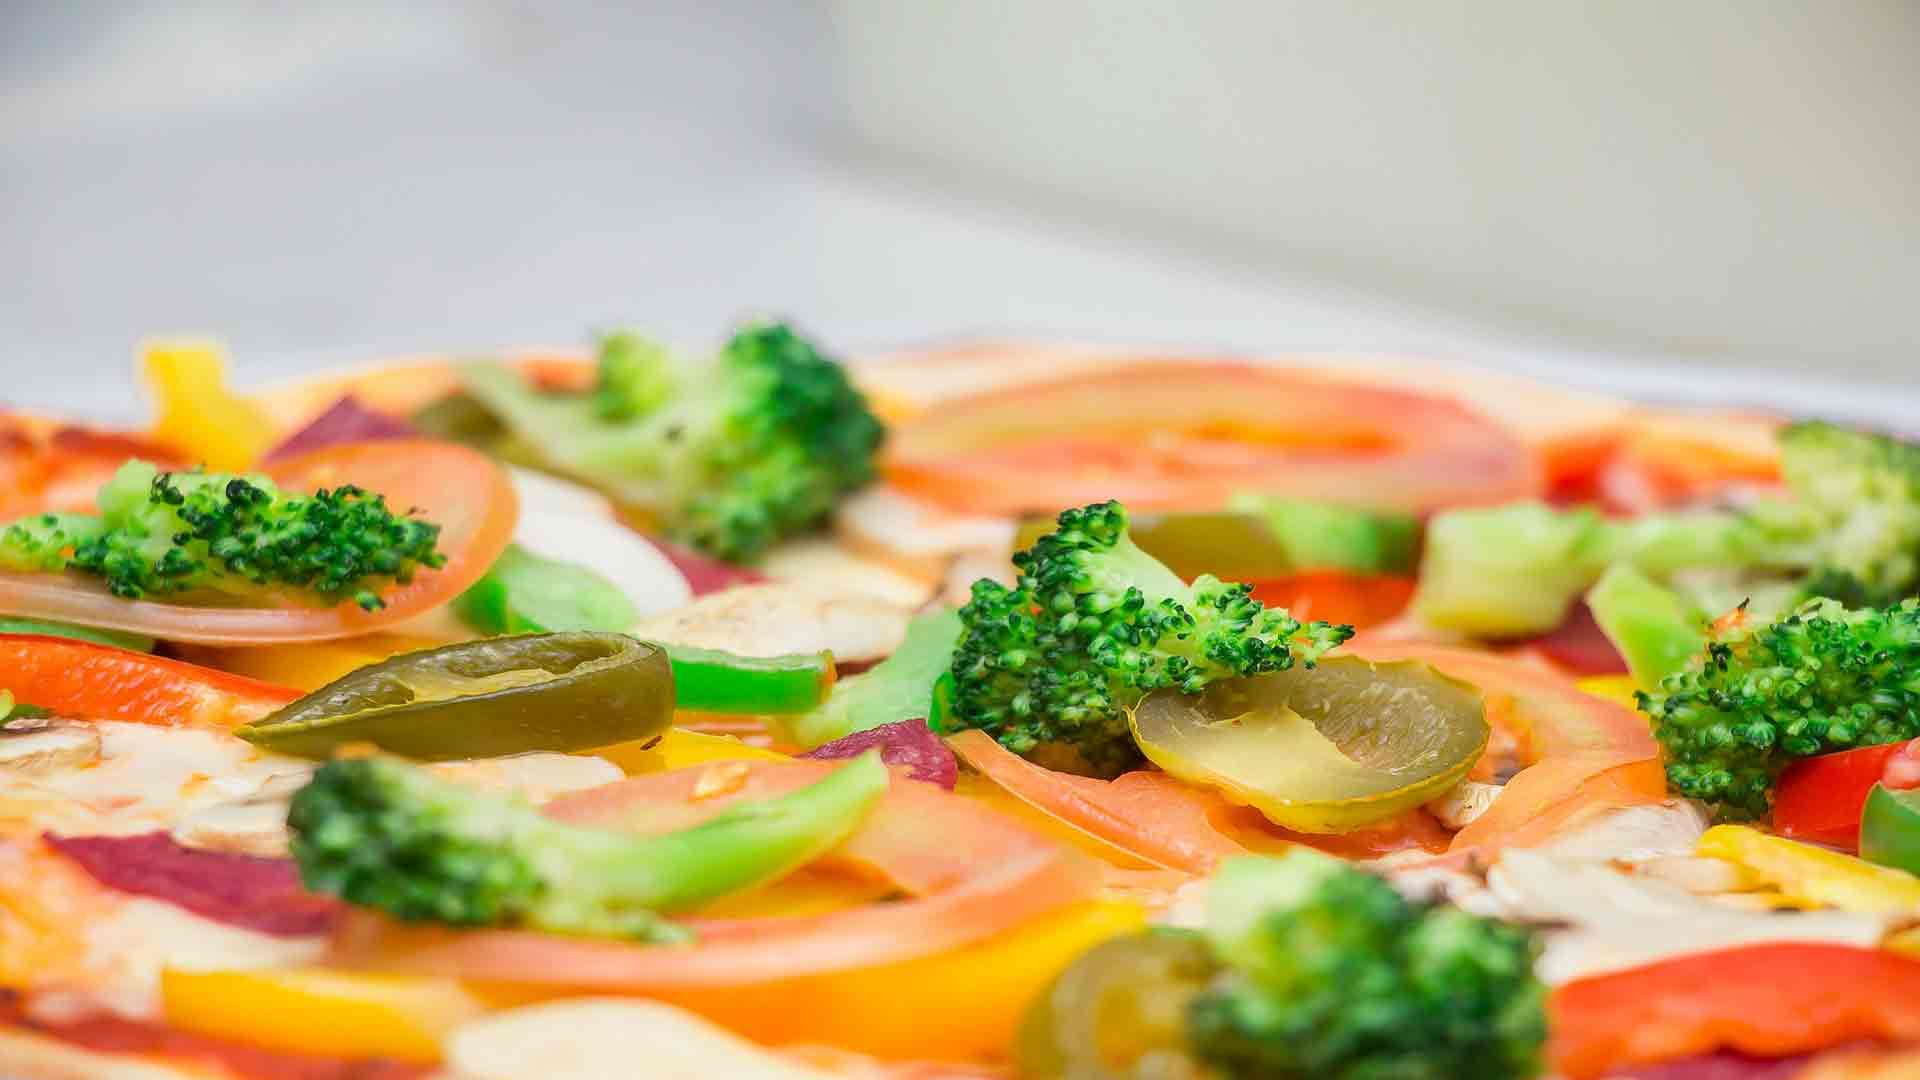 Los-10-ingredientes-más-adecuados-para-conseguir-una-pizza-nutritiva-y-saludable-1920